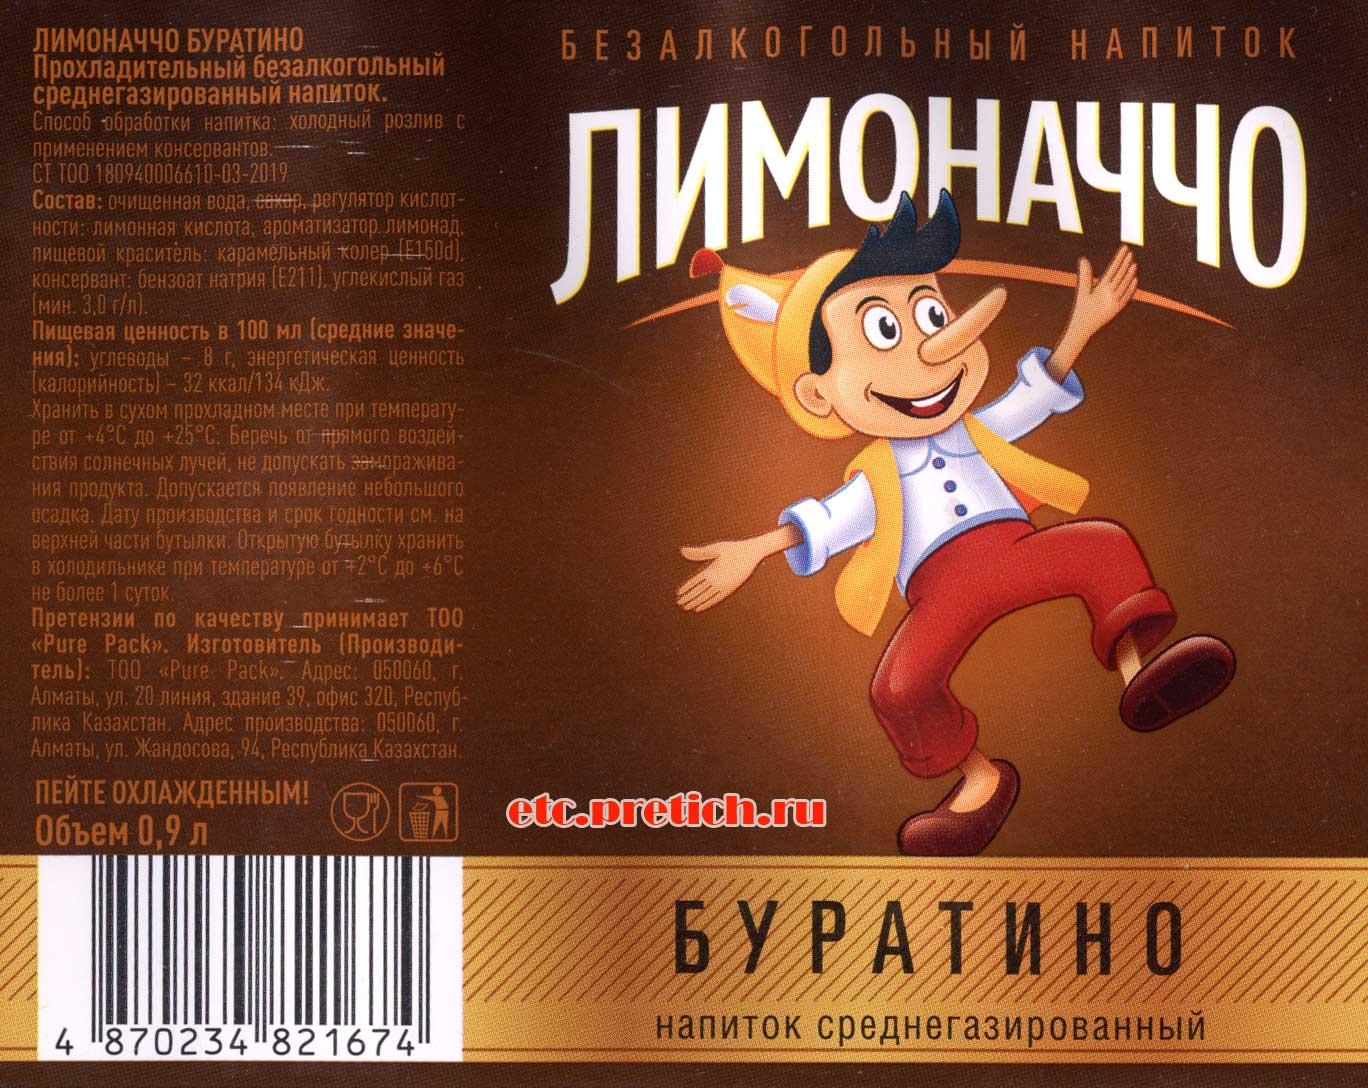 Лимоначчо Буратино - напиток газированный из Казахстана, плохой!